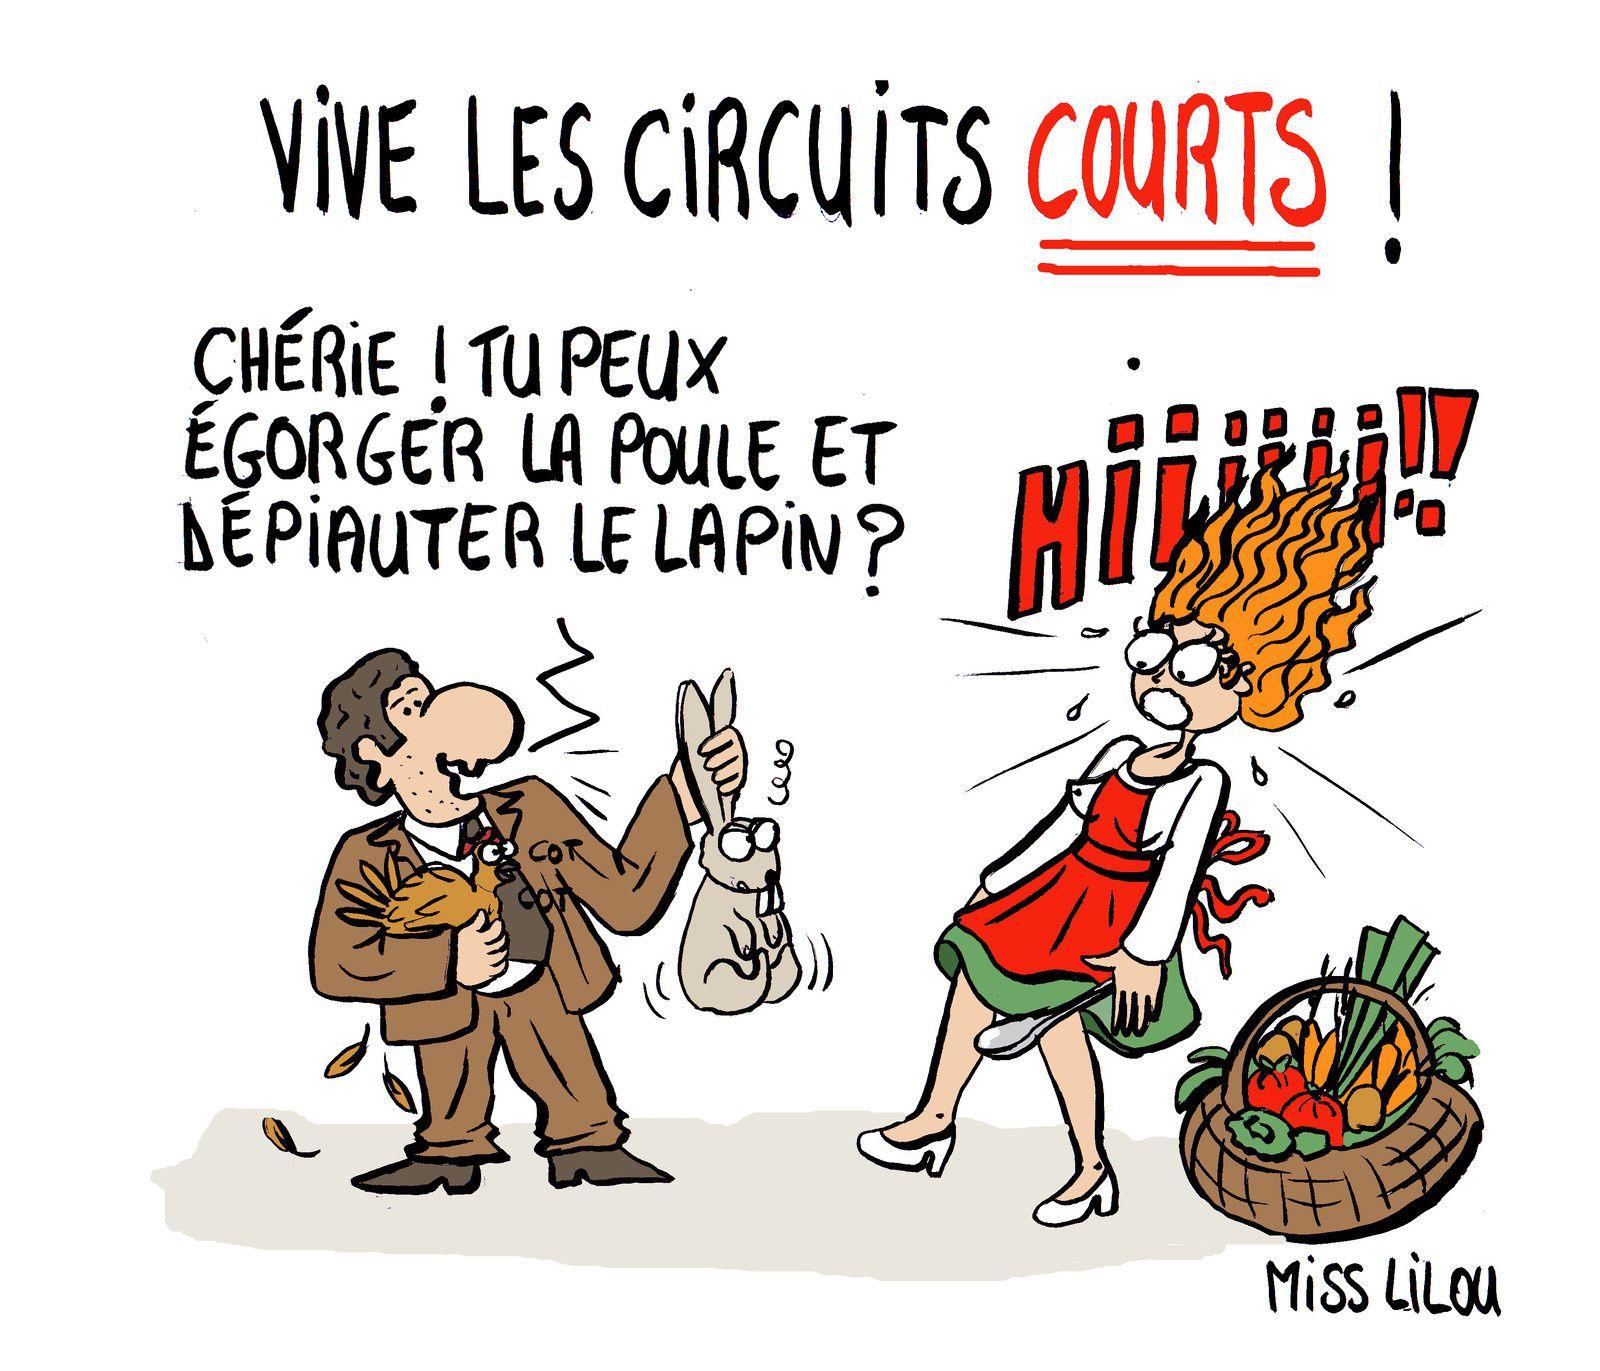 Vive les circuits courts !